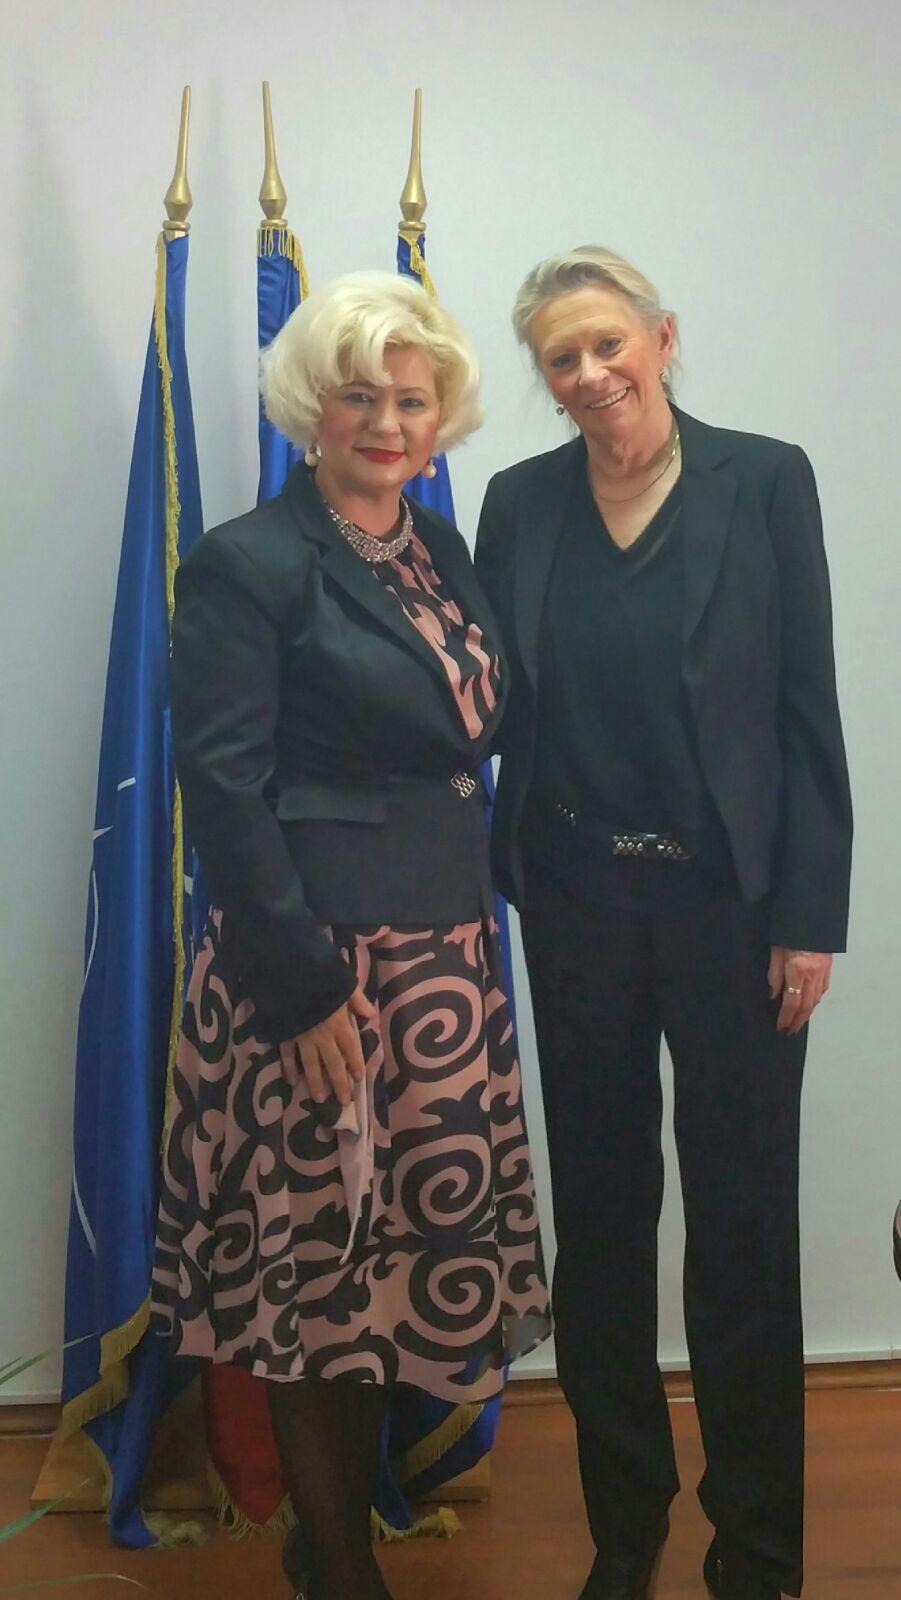 Secretarul de stat al ANES, Grațiela Drăghici, a primit astăzi vizita ambasadorului Regatului Unit al Norvegiei la București, Excelența Sa, Lise Kleven Grevstad.